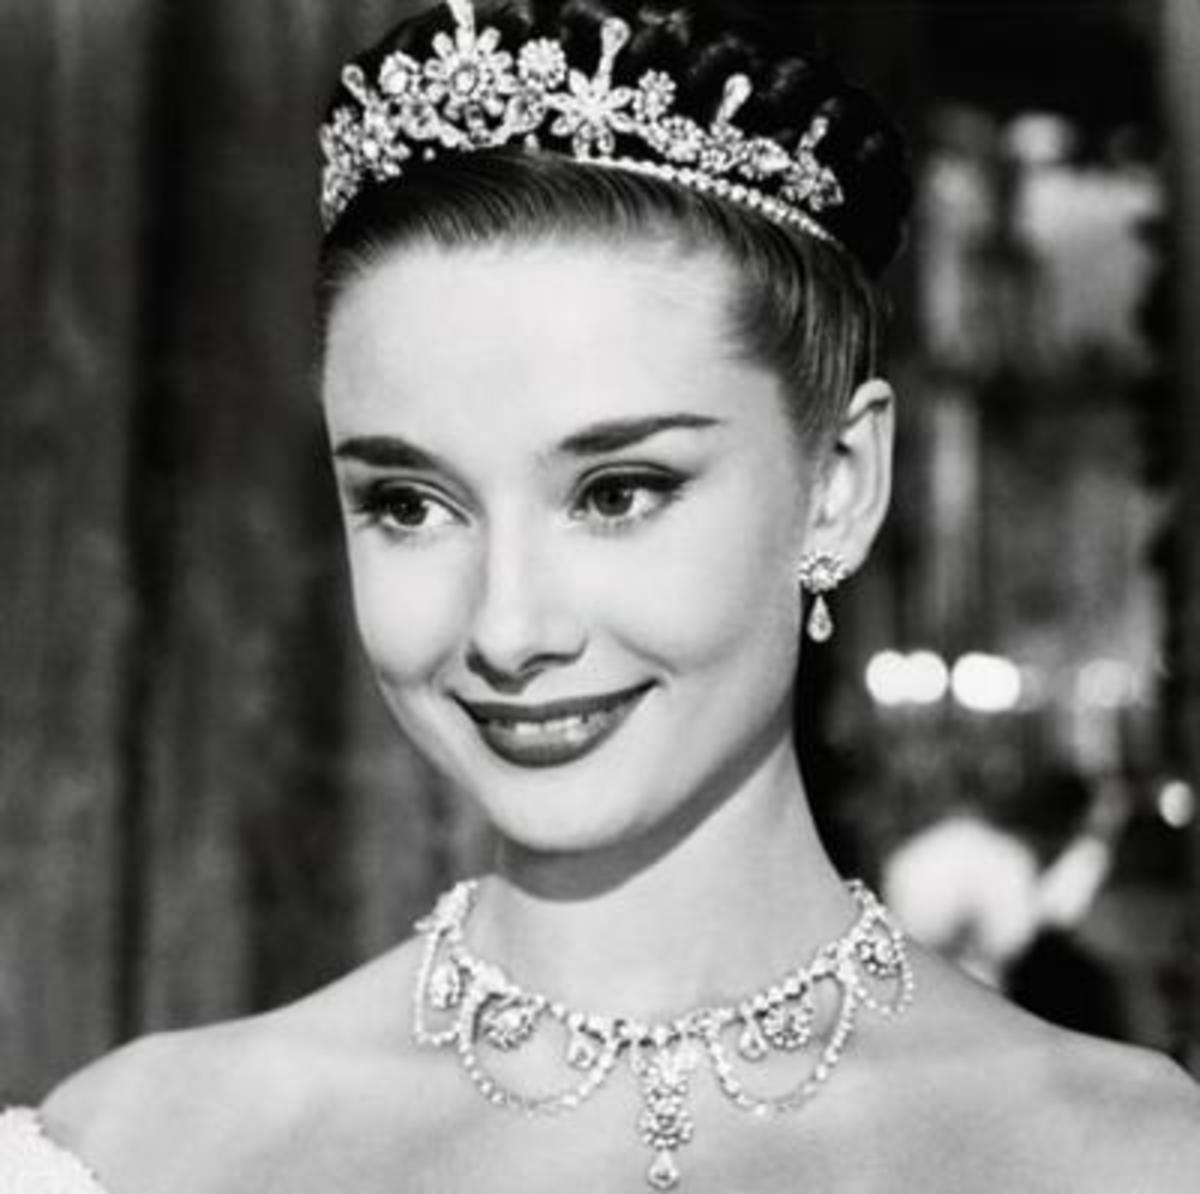 Audrey Hepburn, La Reine Mere of Fashion